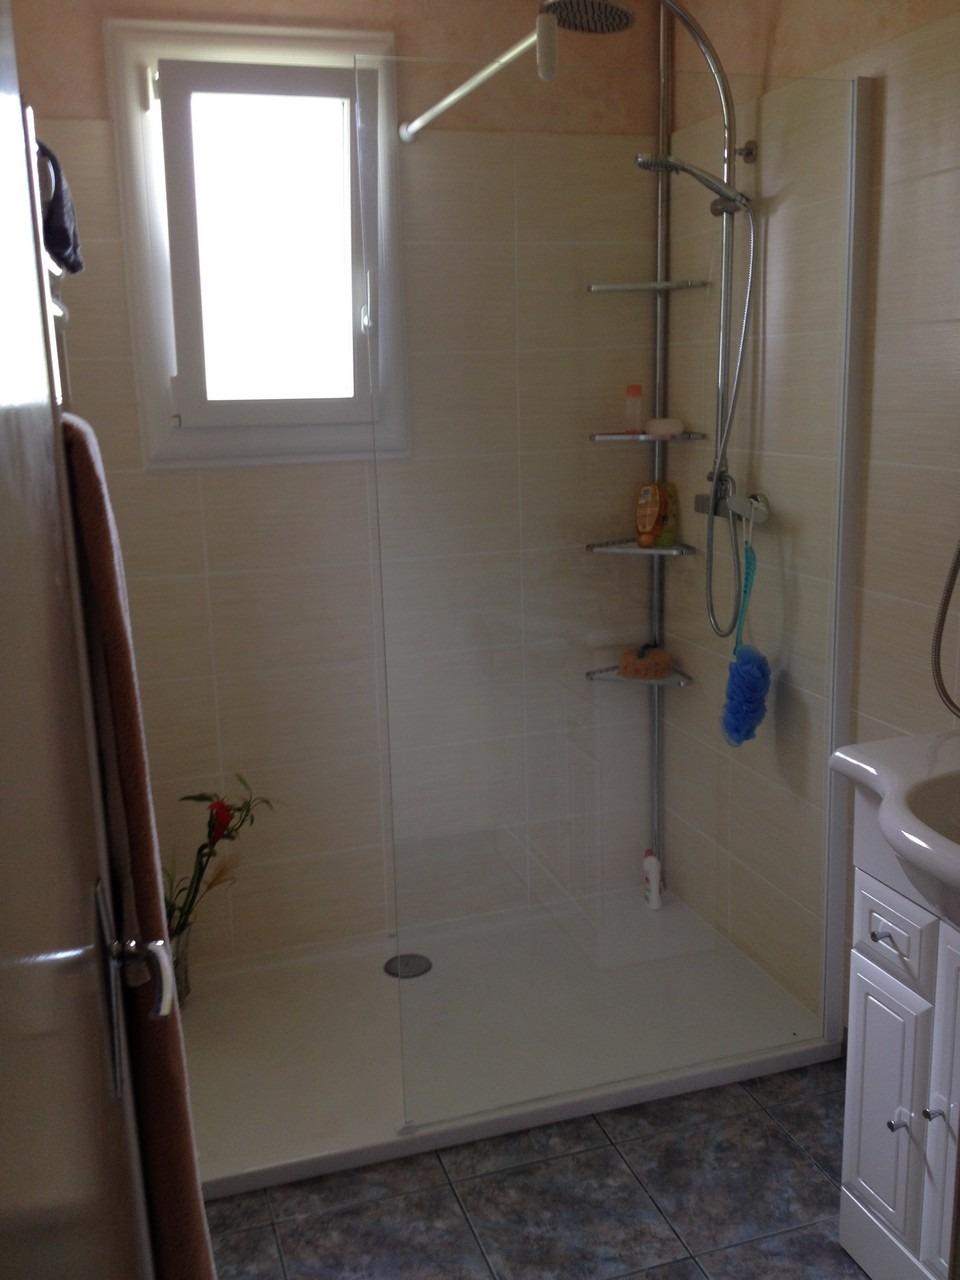 salle de bain legros - Chauffage / Plomberie / Électricité